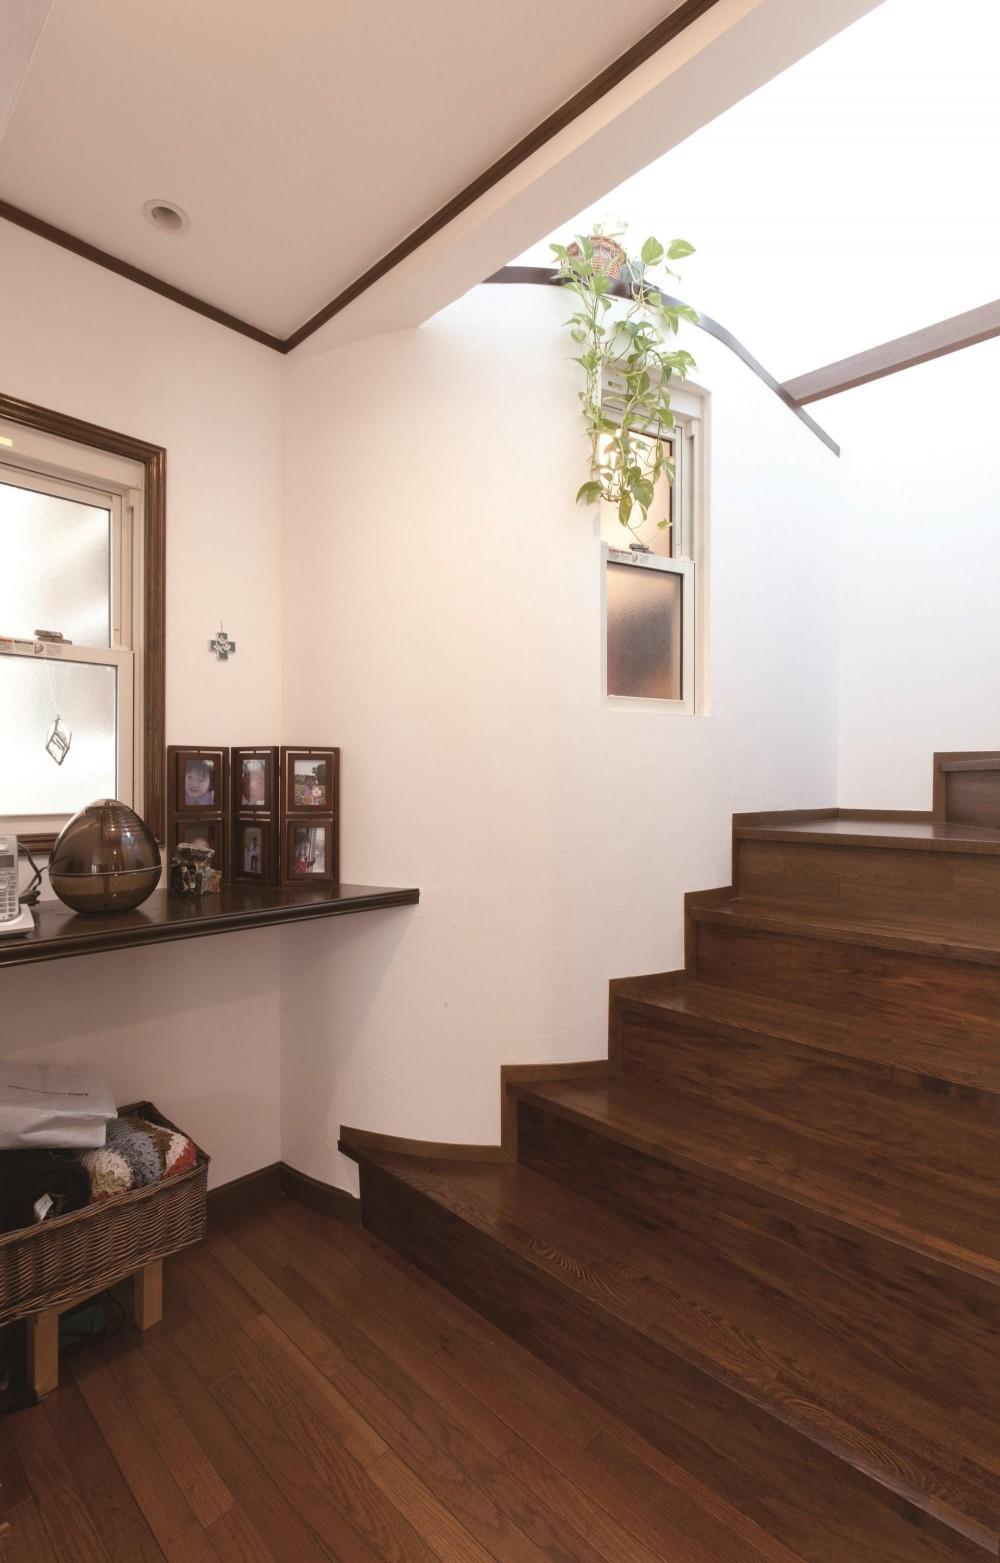 【2×4】エントランスリビング (アール壁と階段)